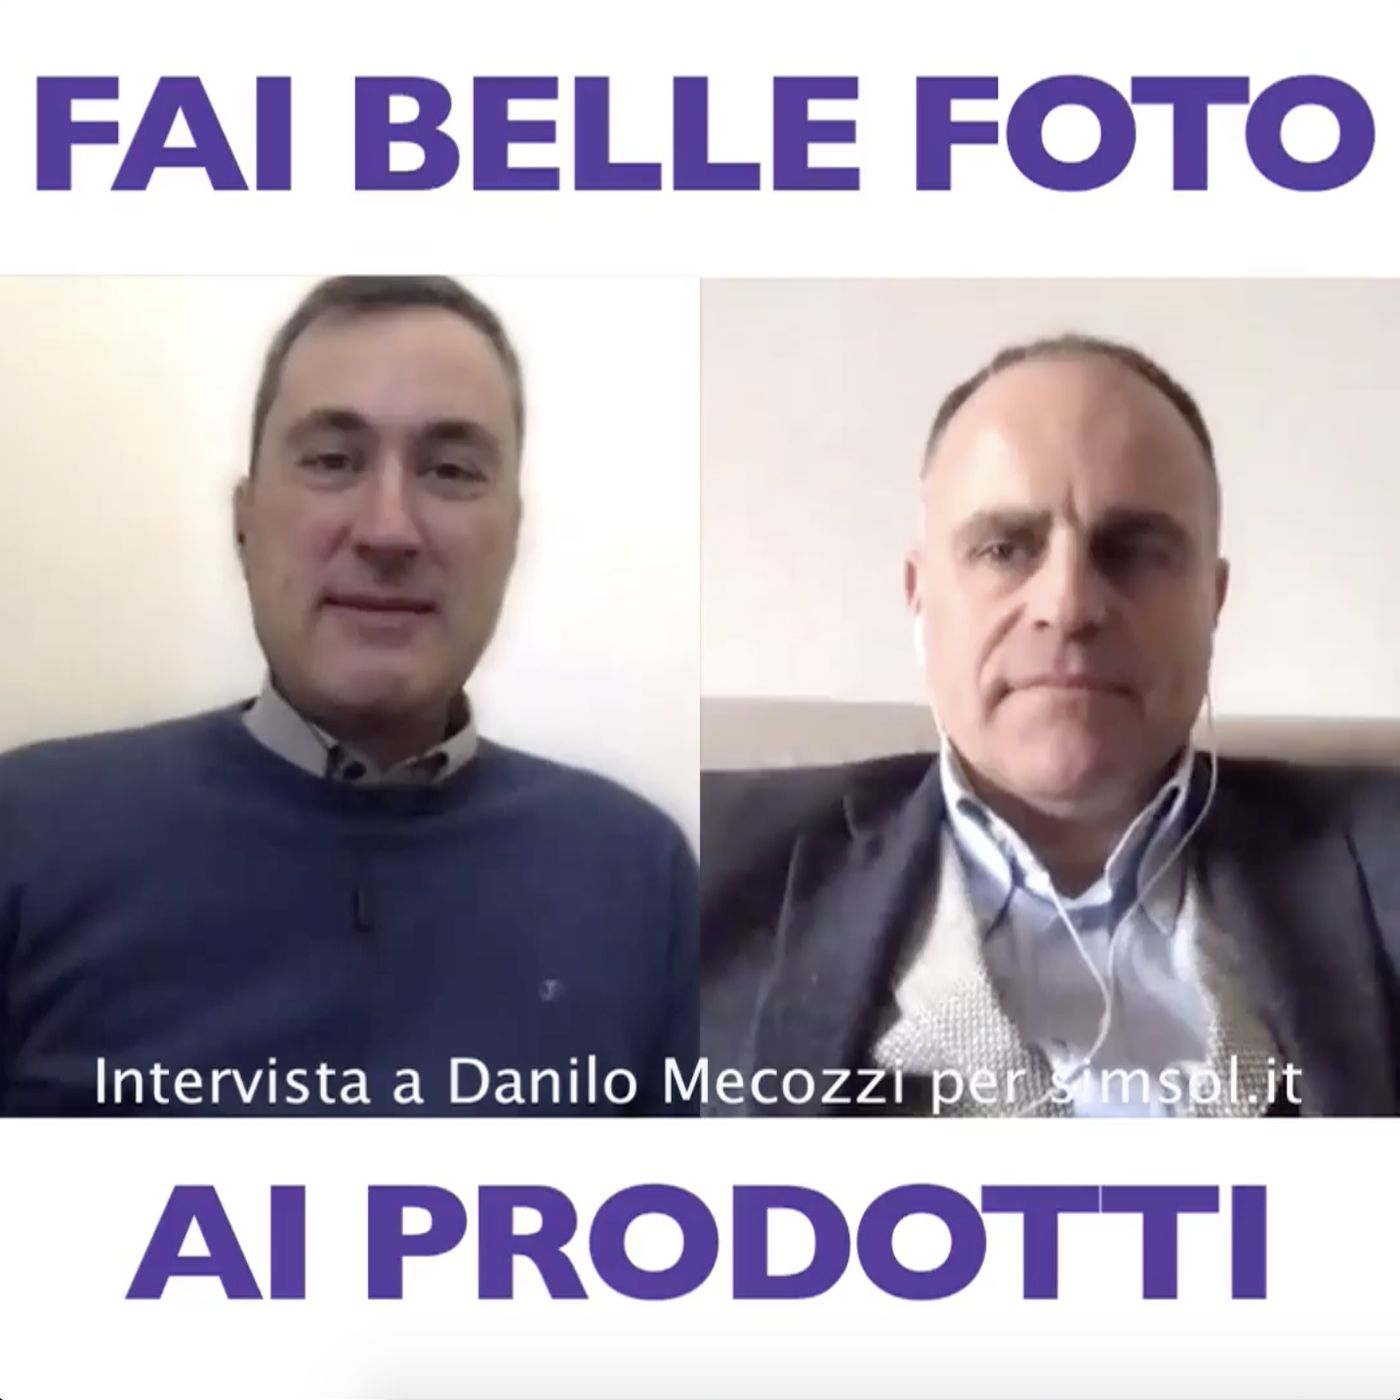 Fai belle foto ai prodotti - Intervista Danilo Mecozzi